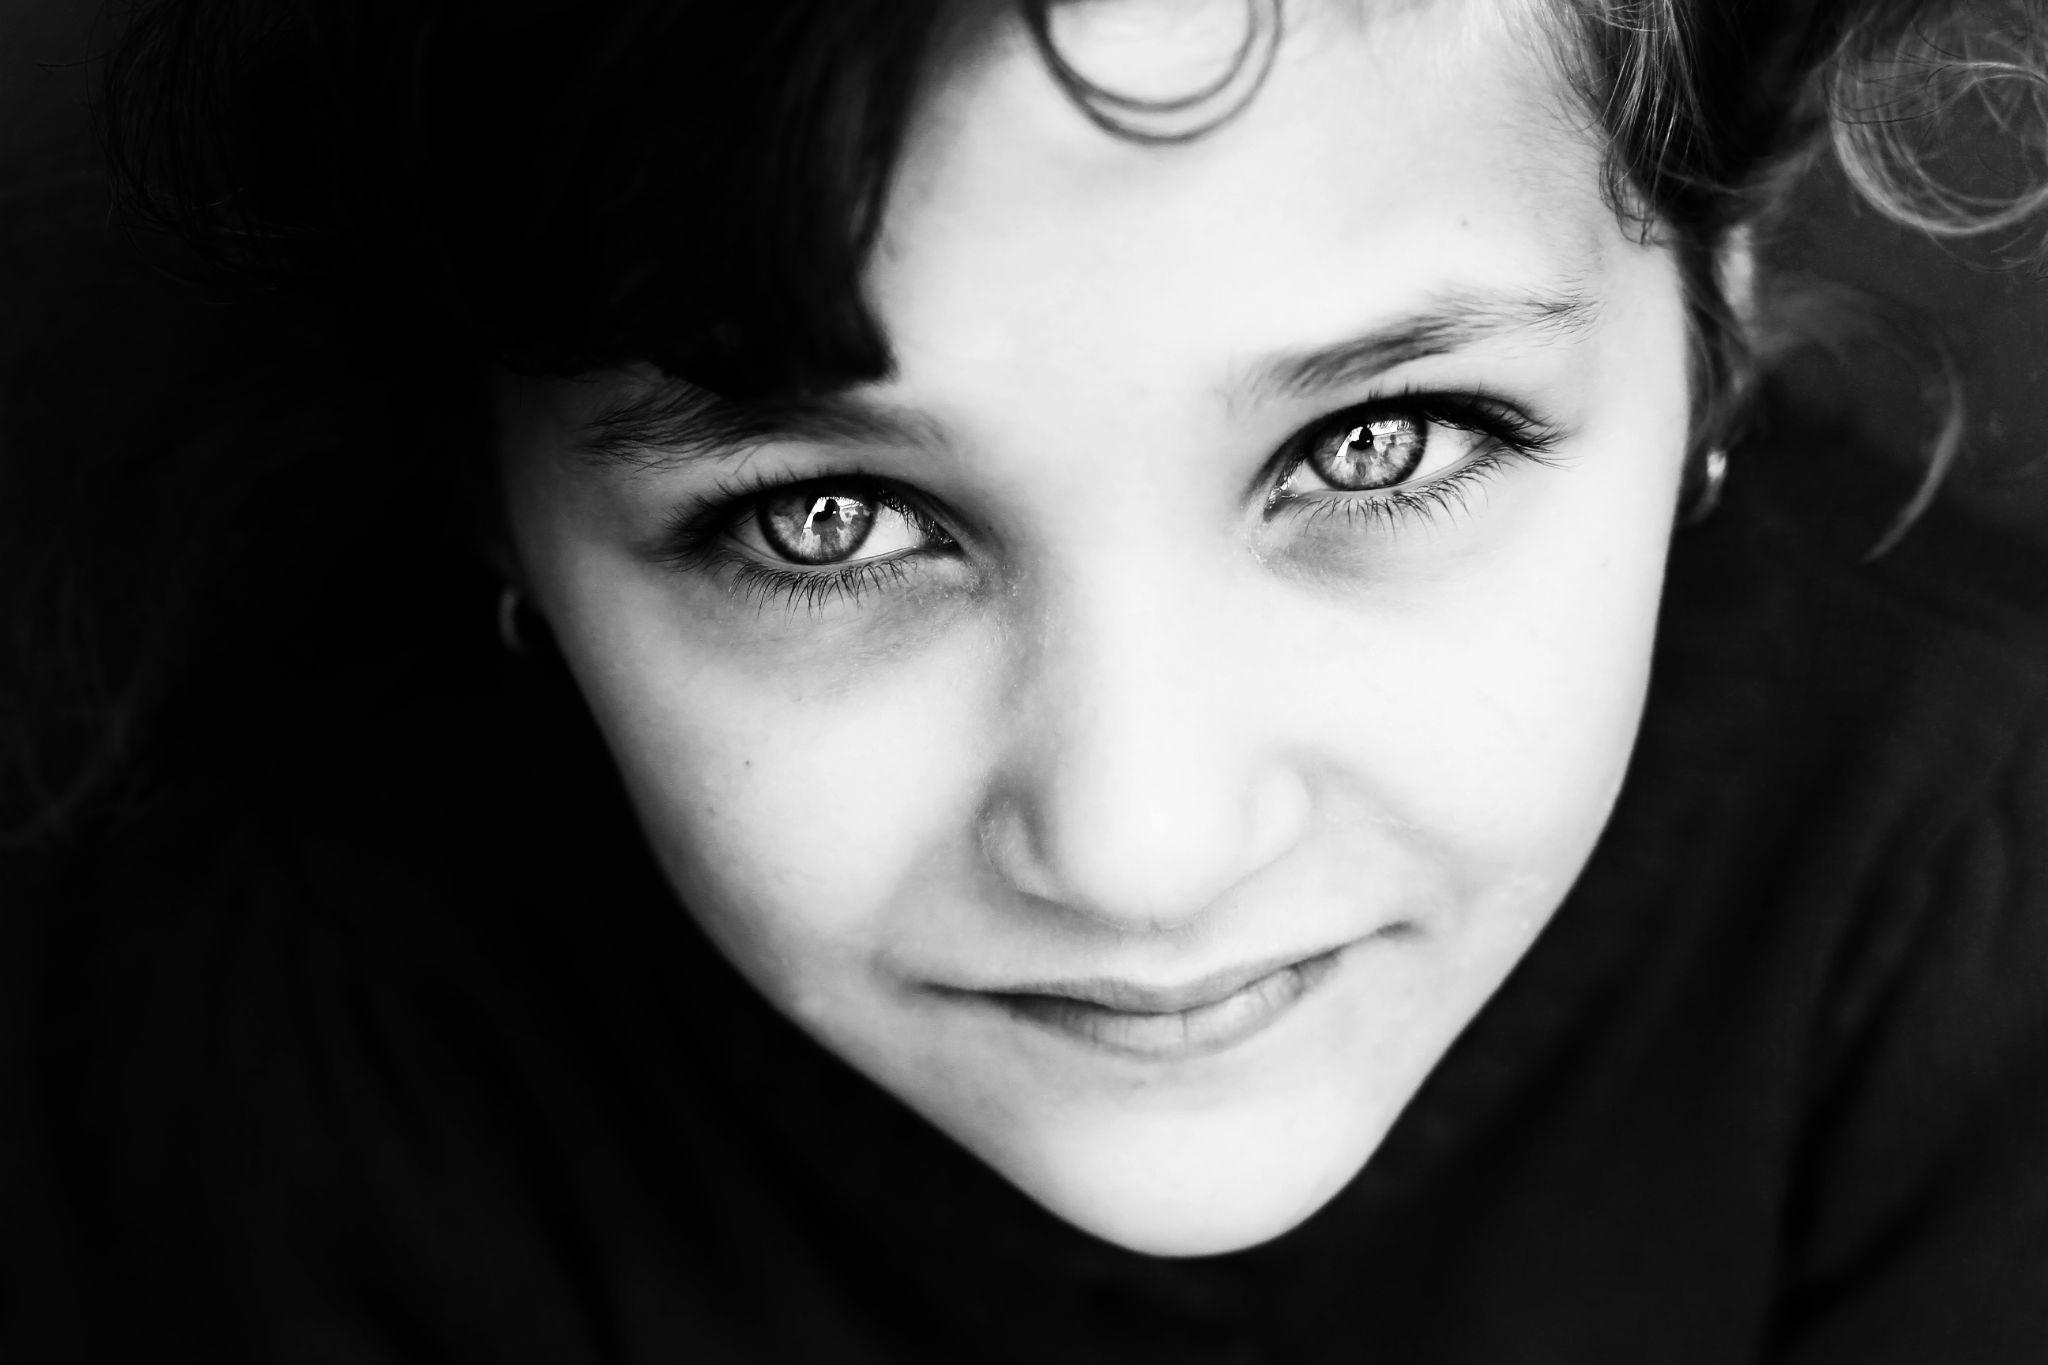 Portrait by Badr Pedro